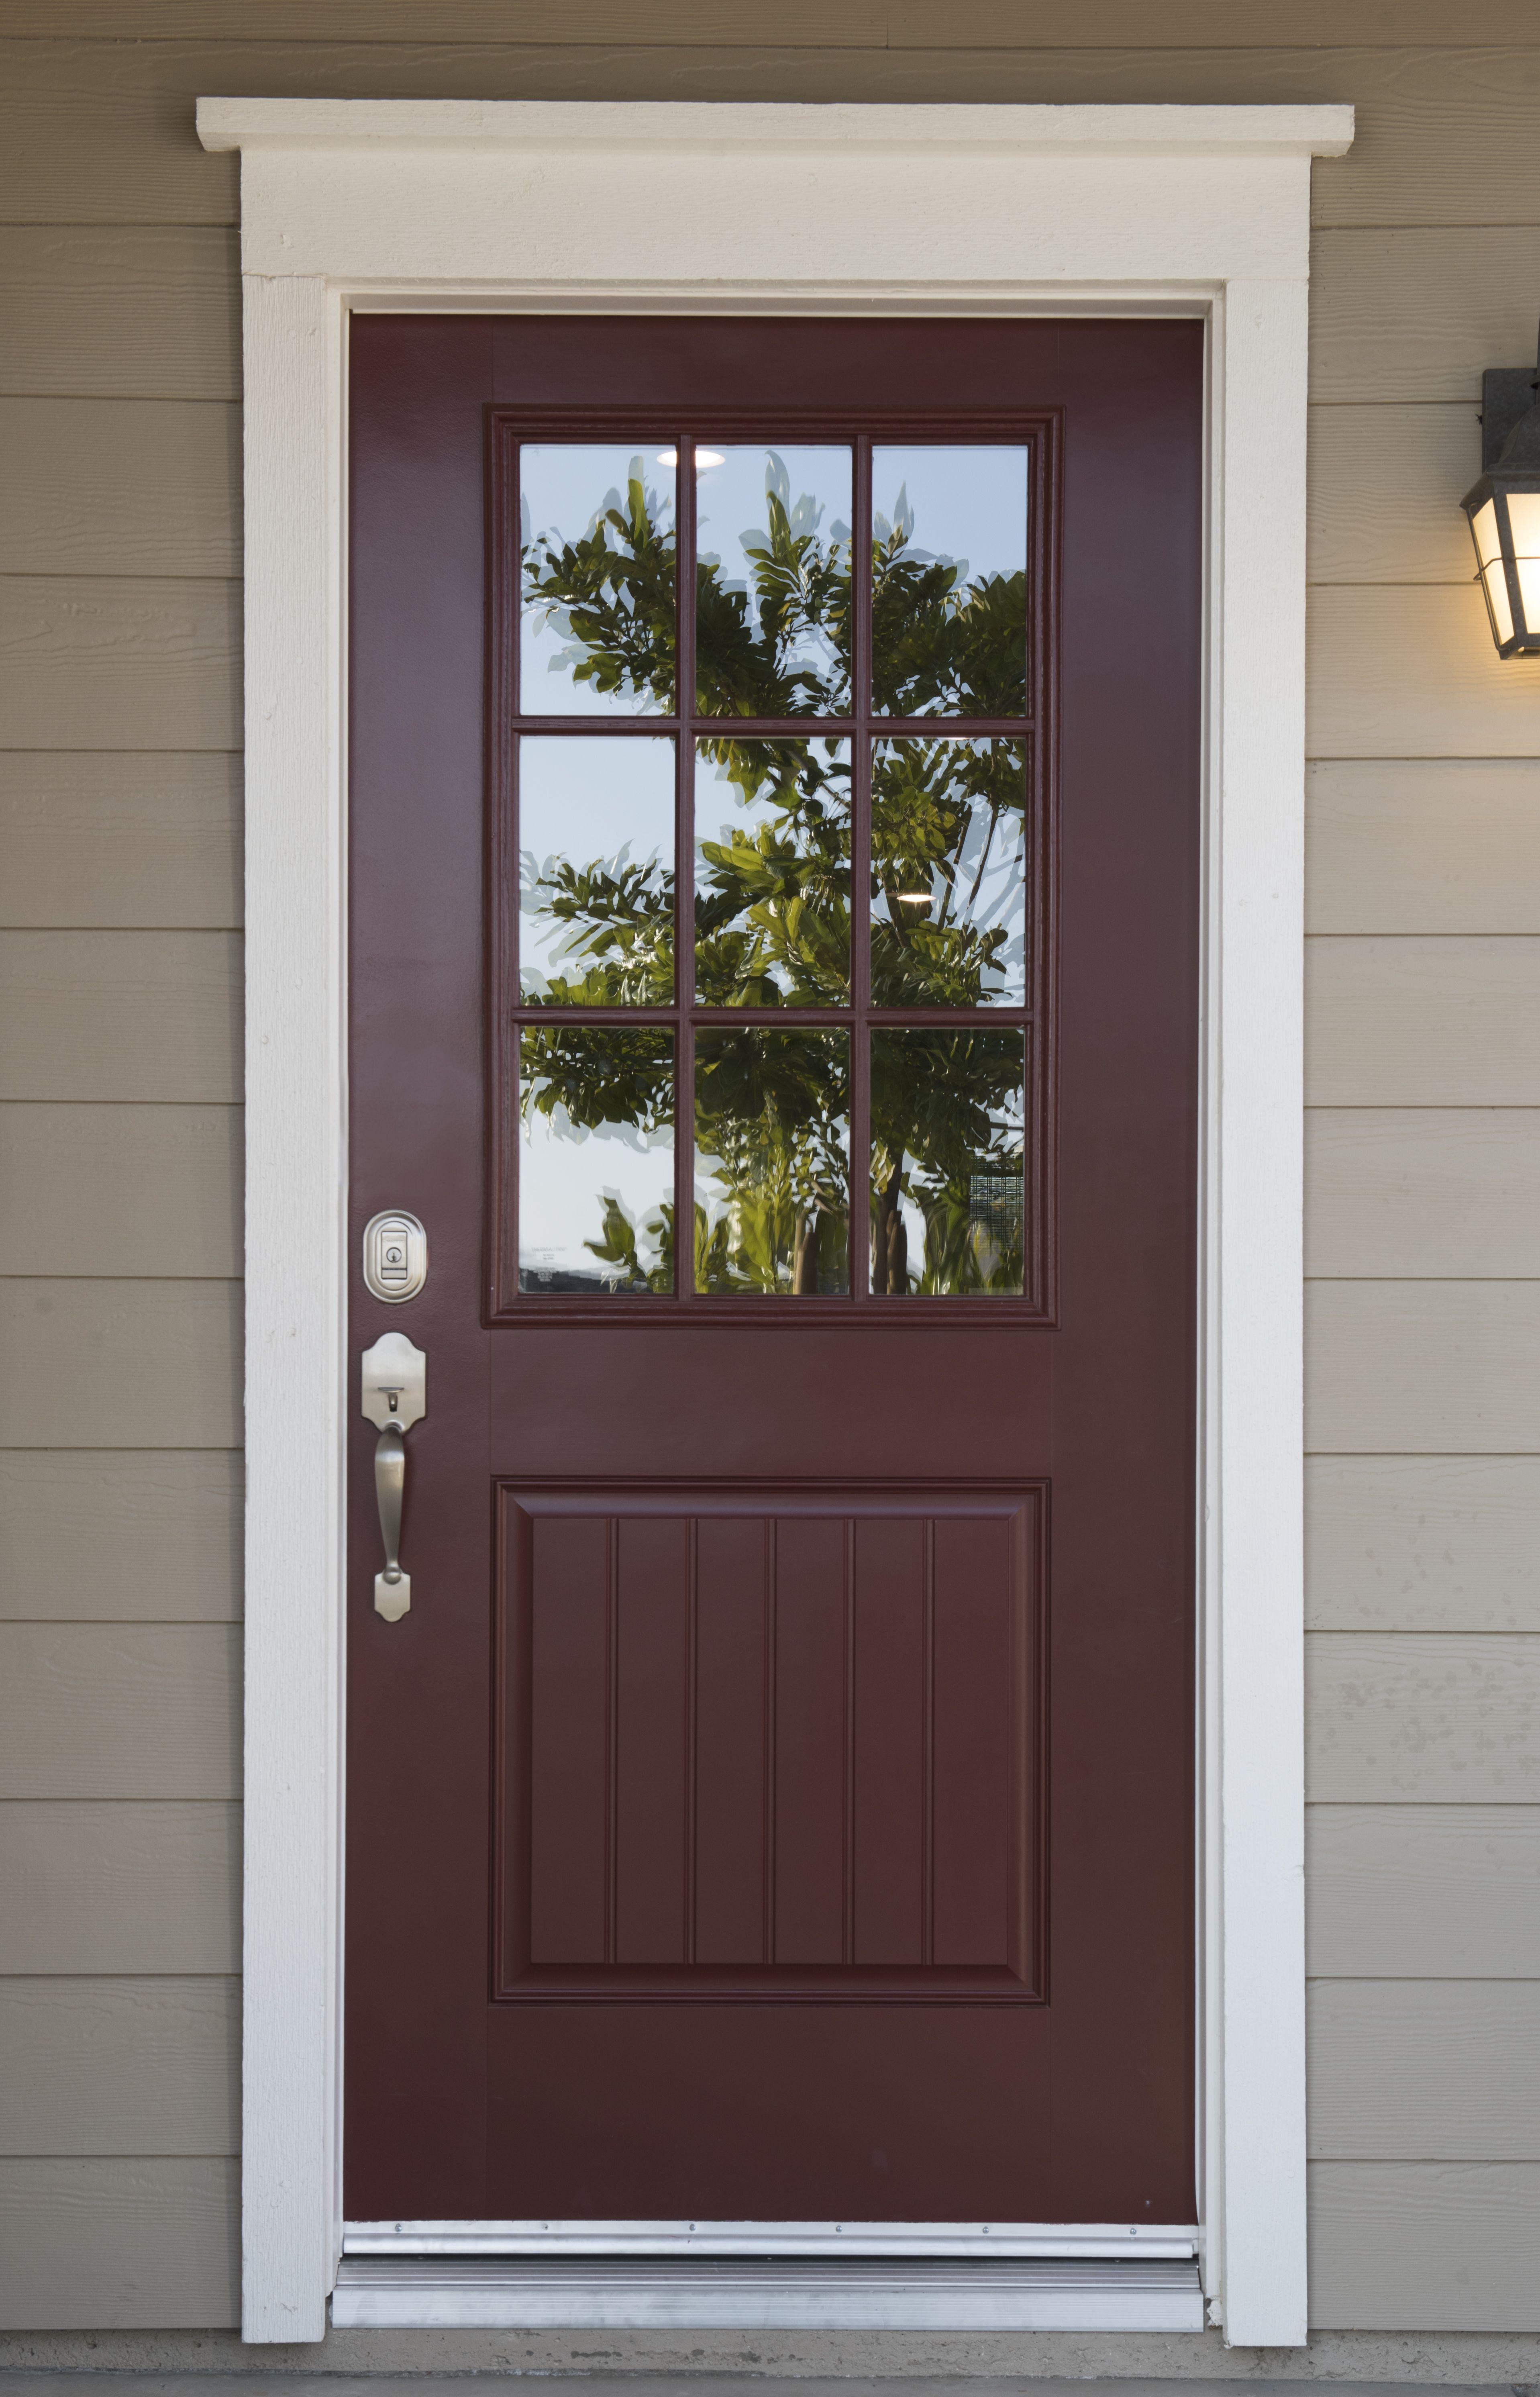 Maroon Color Front Door Gives Off Such A Great Pop With The Added White Trim Painted Front Doors Garage Door Styles Garage Door Design